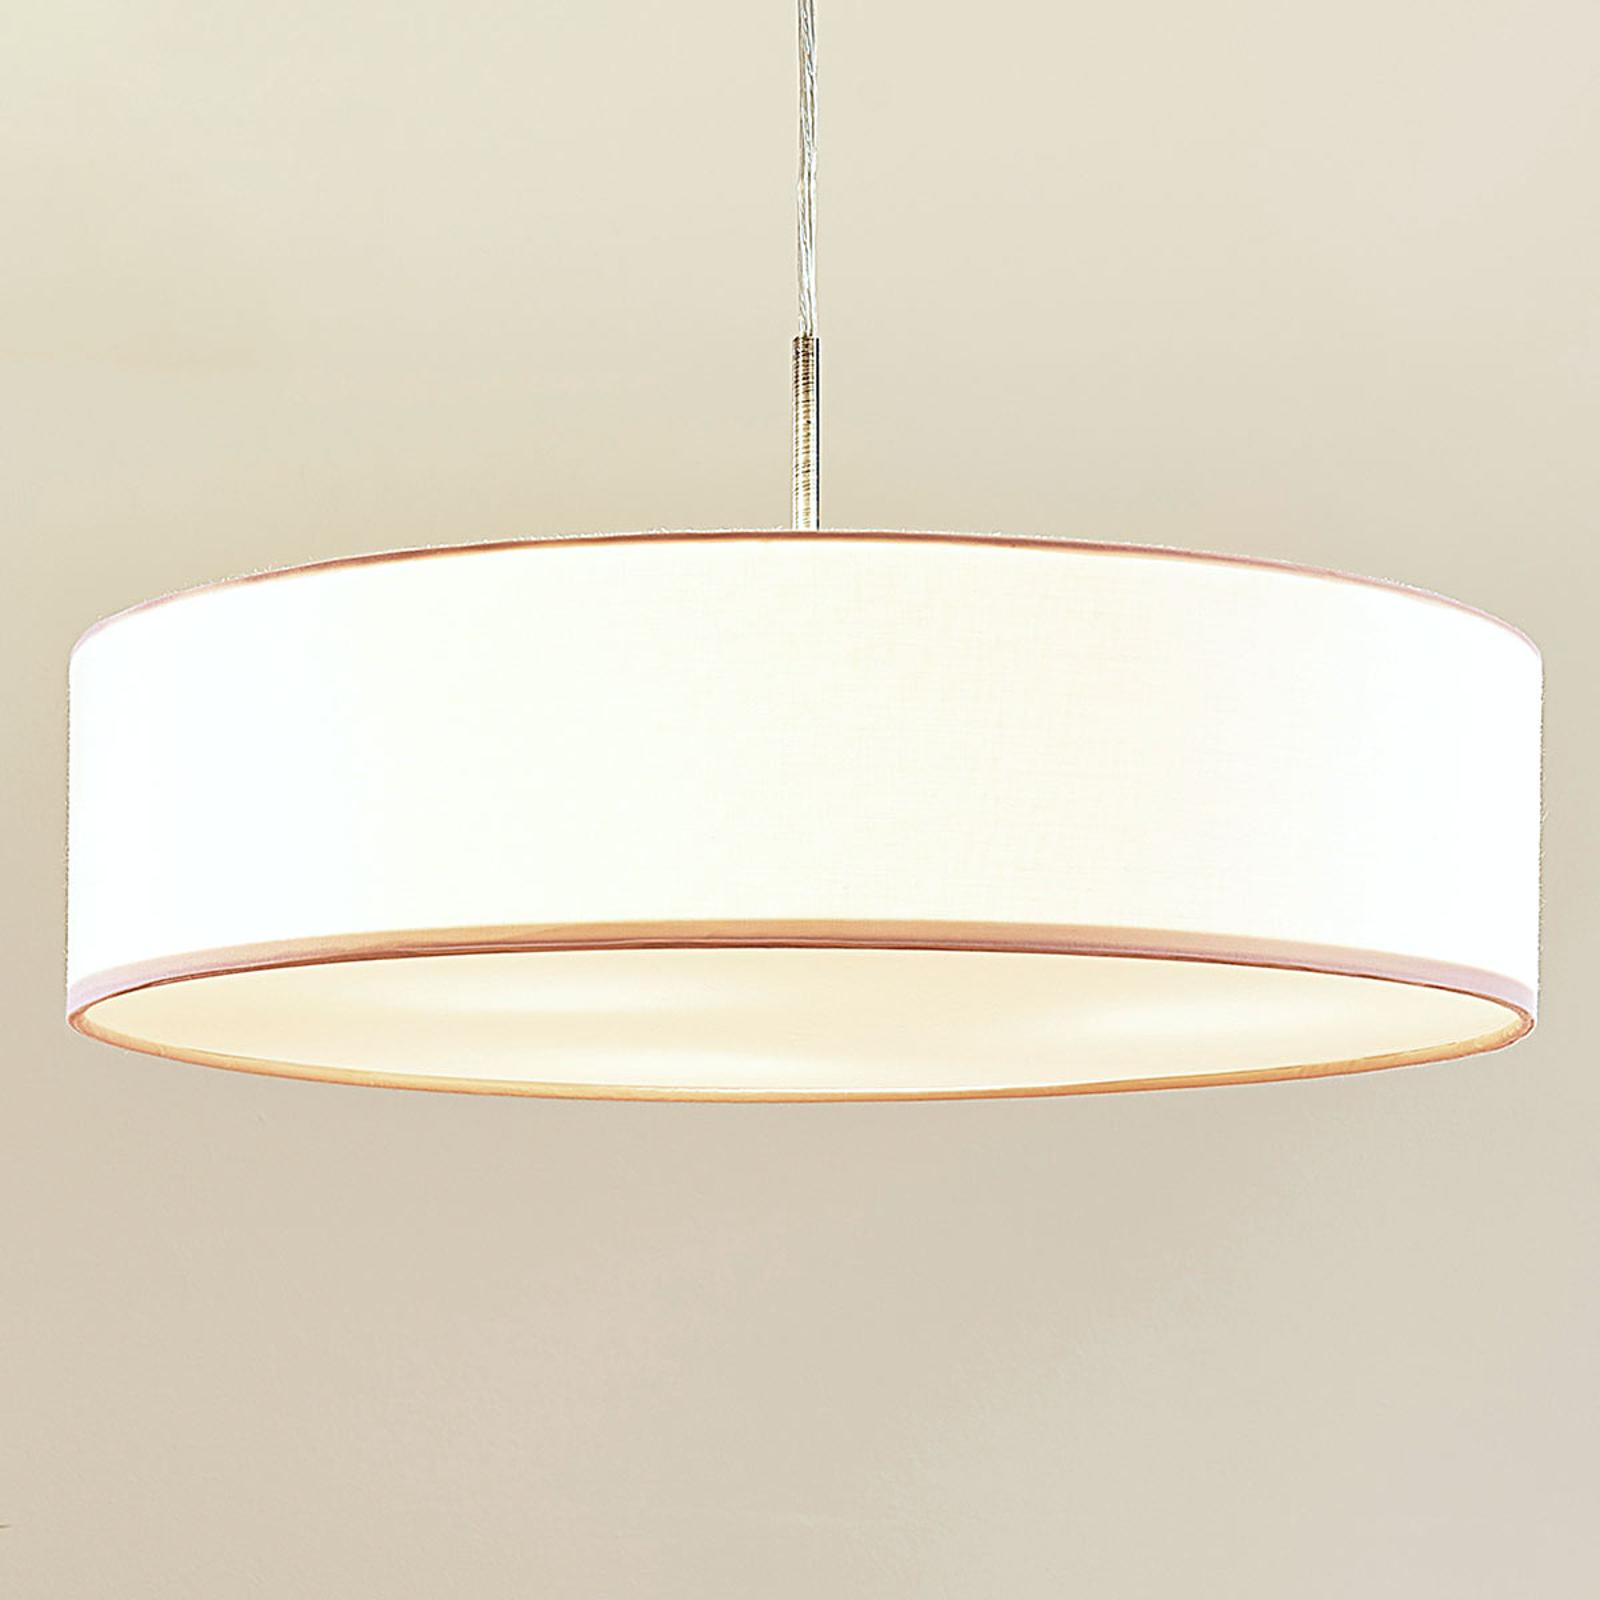 Biała lampa wisząca LED SEBATIN z materiału